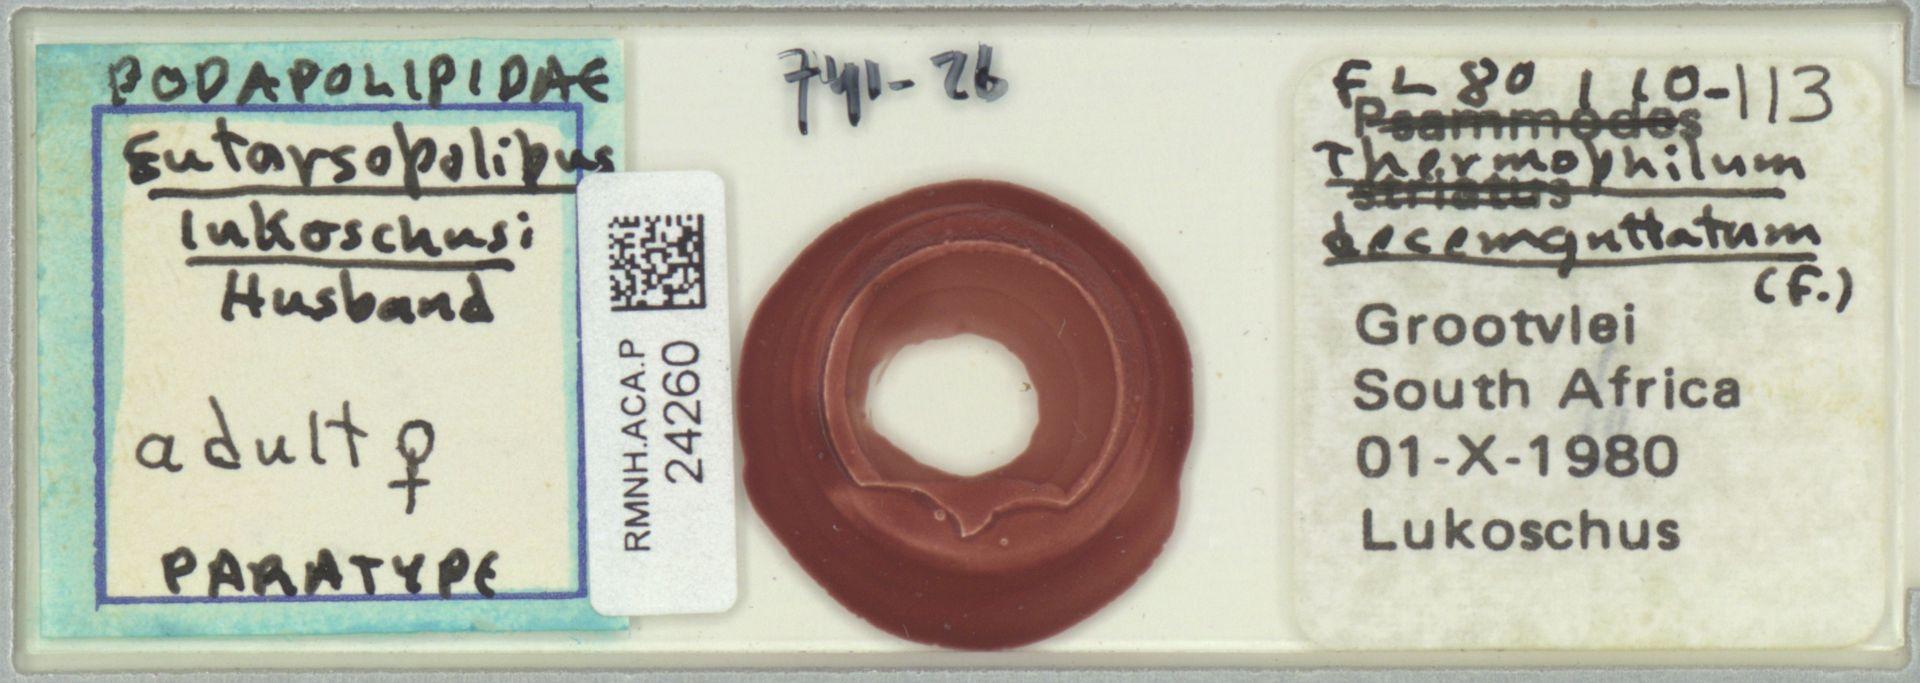 RMNH.ACA.P.24260 | Eutarsopolipus lukoschusi Husband